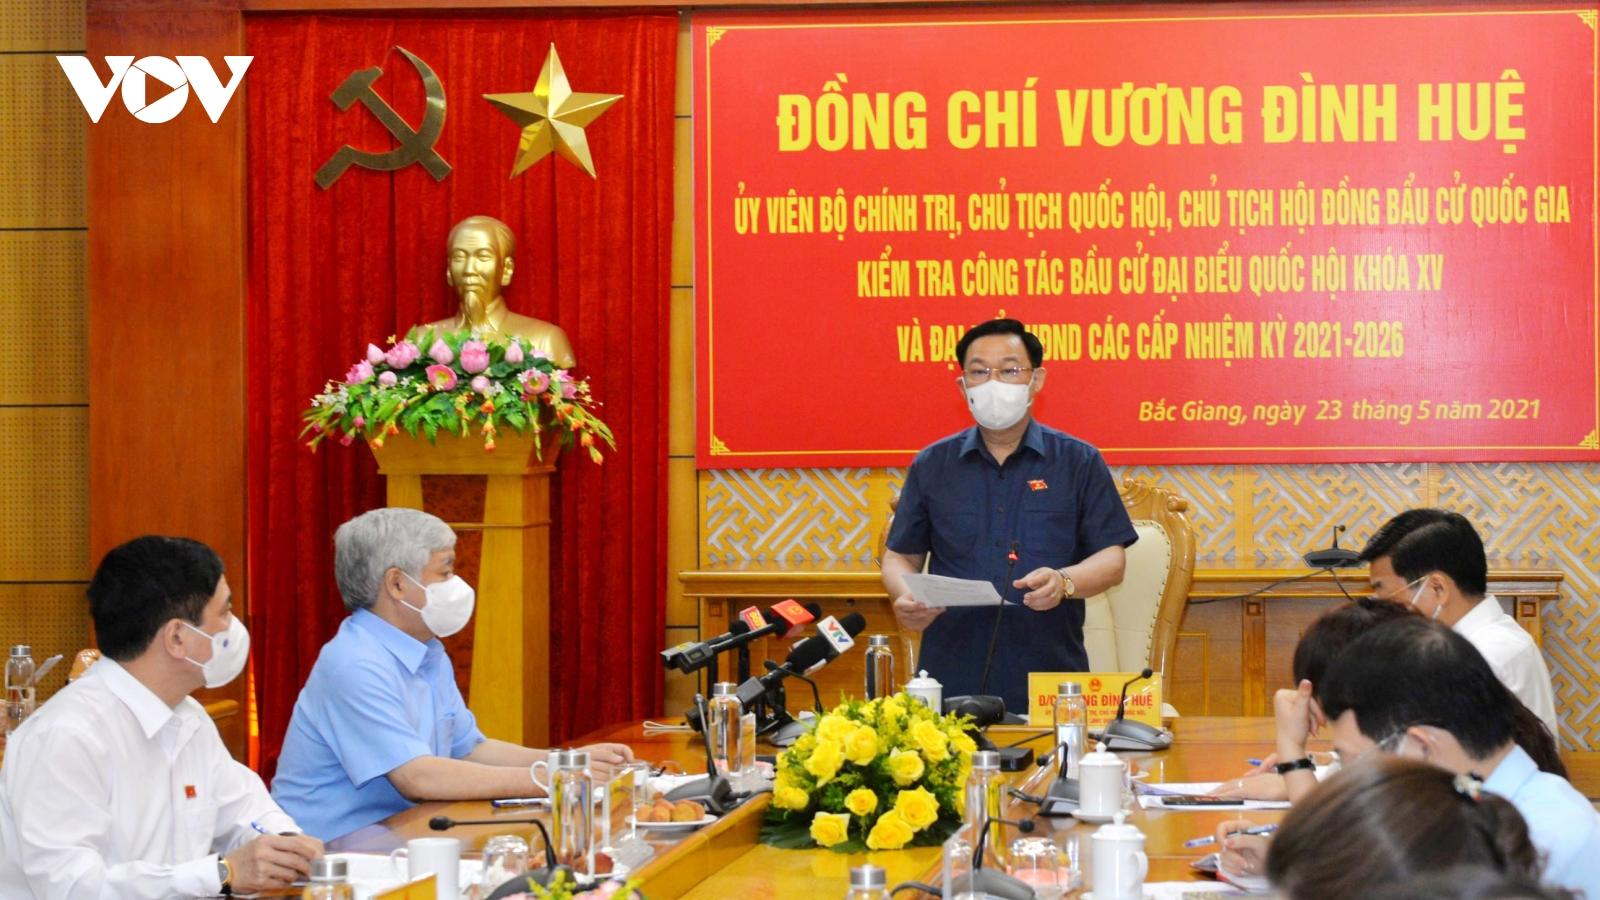 Chủ tịch Quốc hội kiểm tra công tác bầu cử tạiBắc Giang, Bắc Ninh